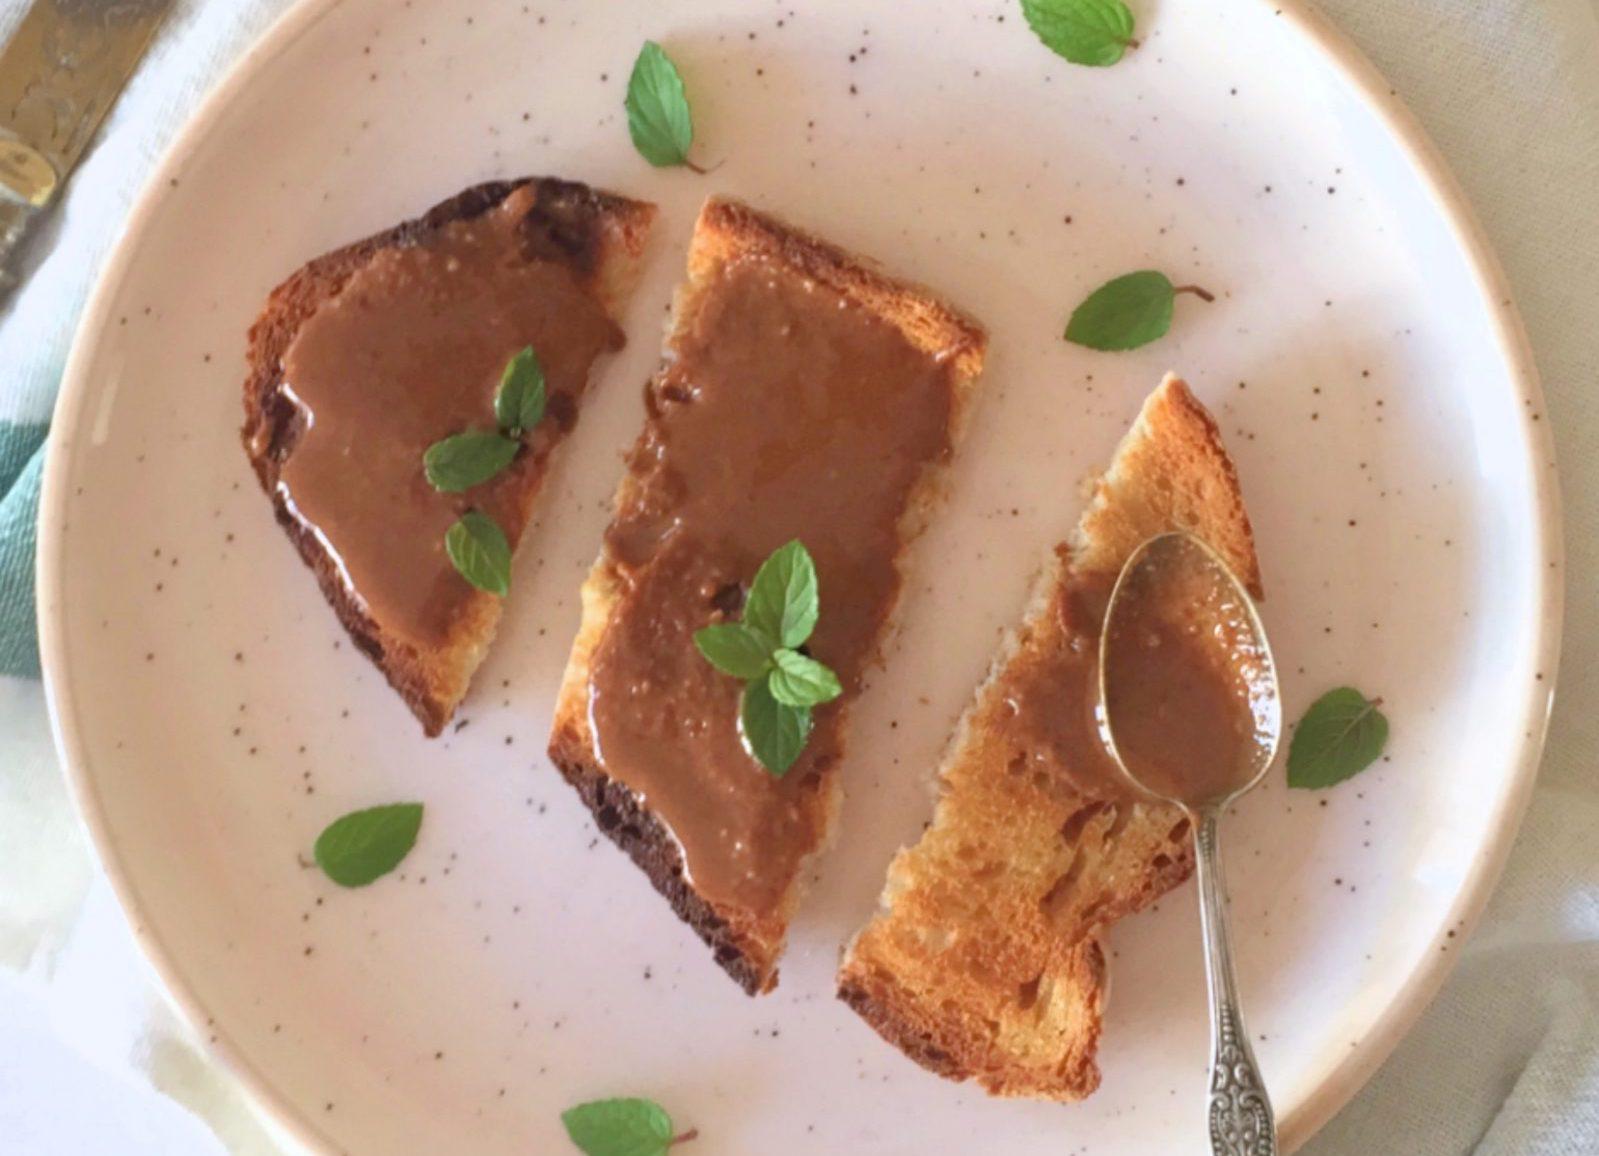 Manteiga de coco torrado - Blog da Spice